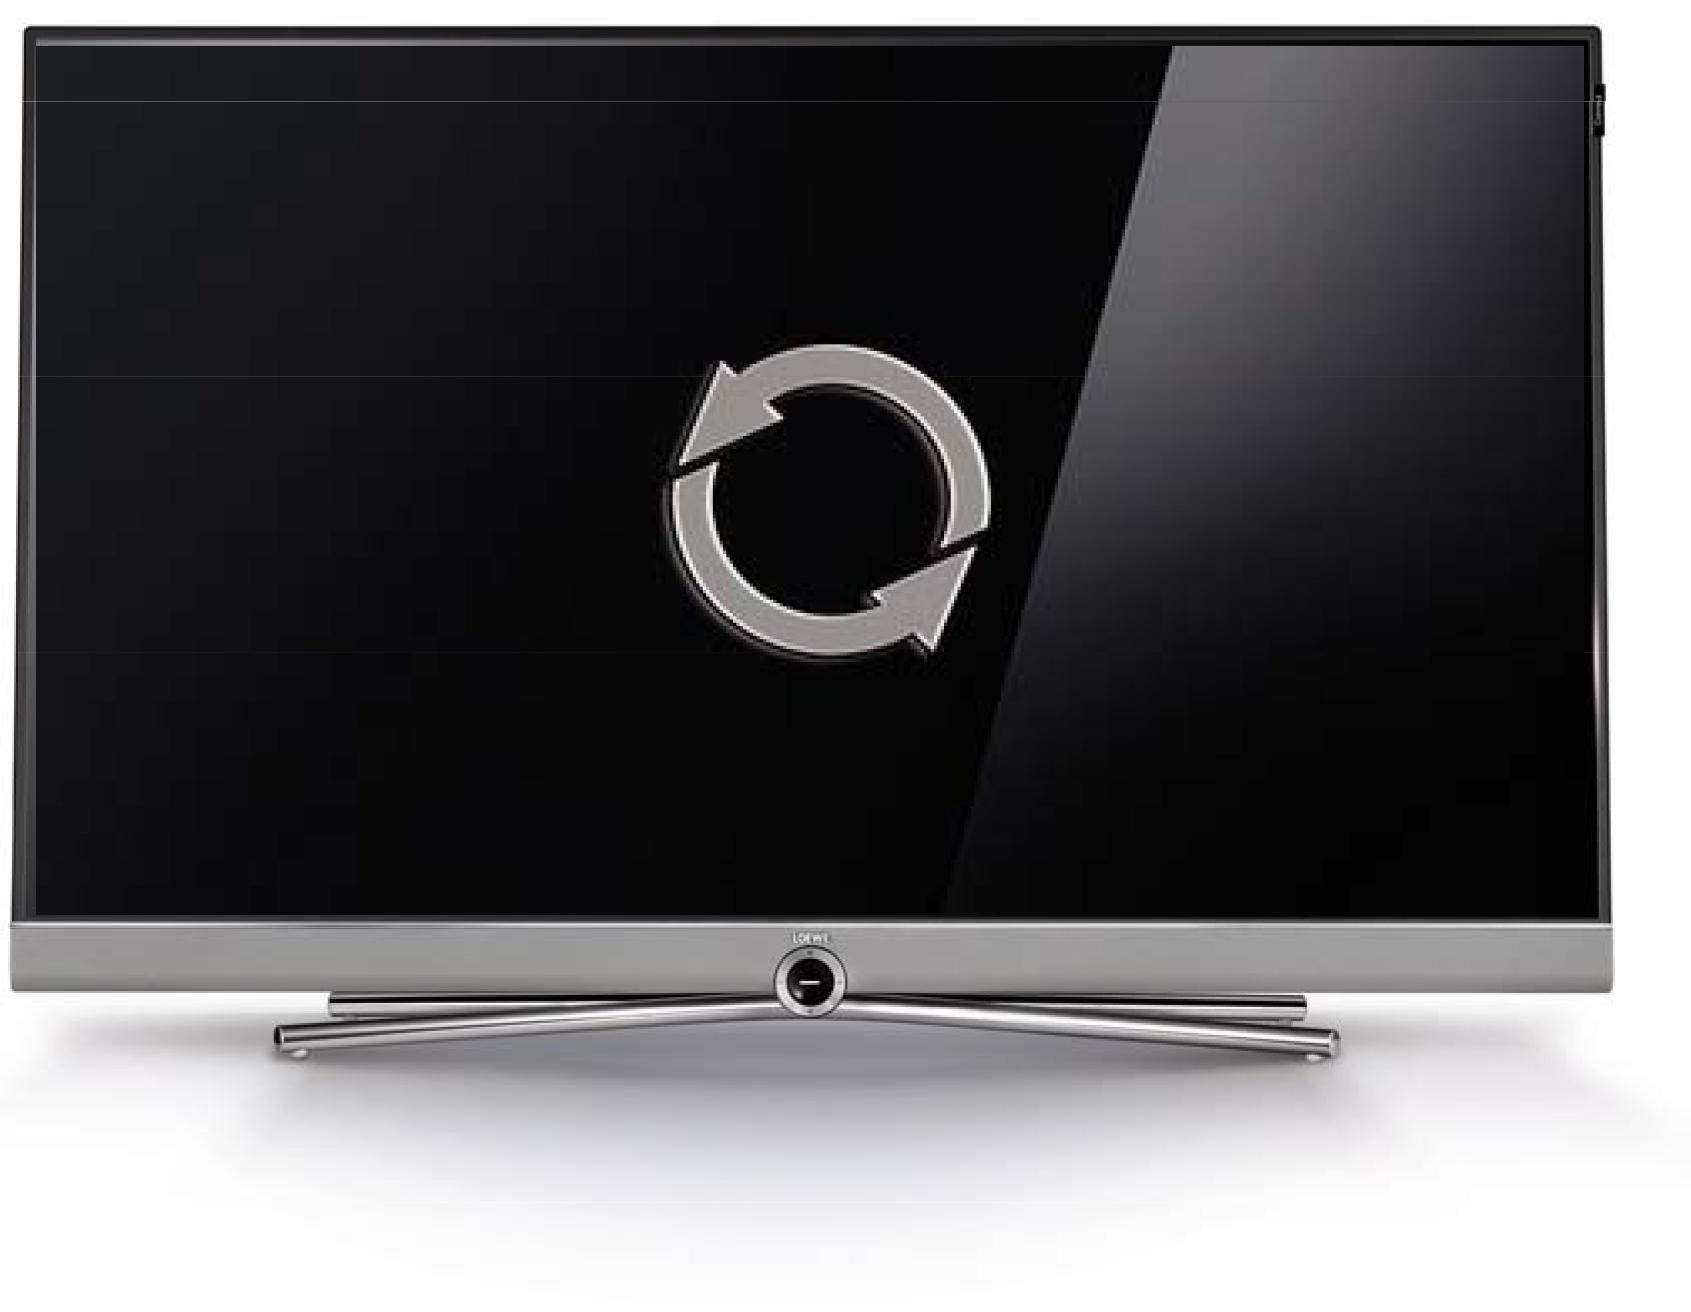 Mise à jour télévision Loewe Connect 55 DR+ UHD controlsound